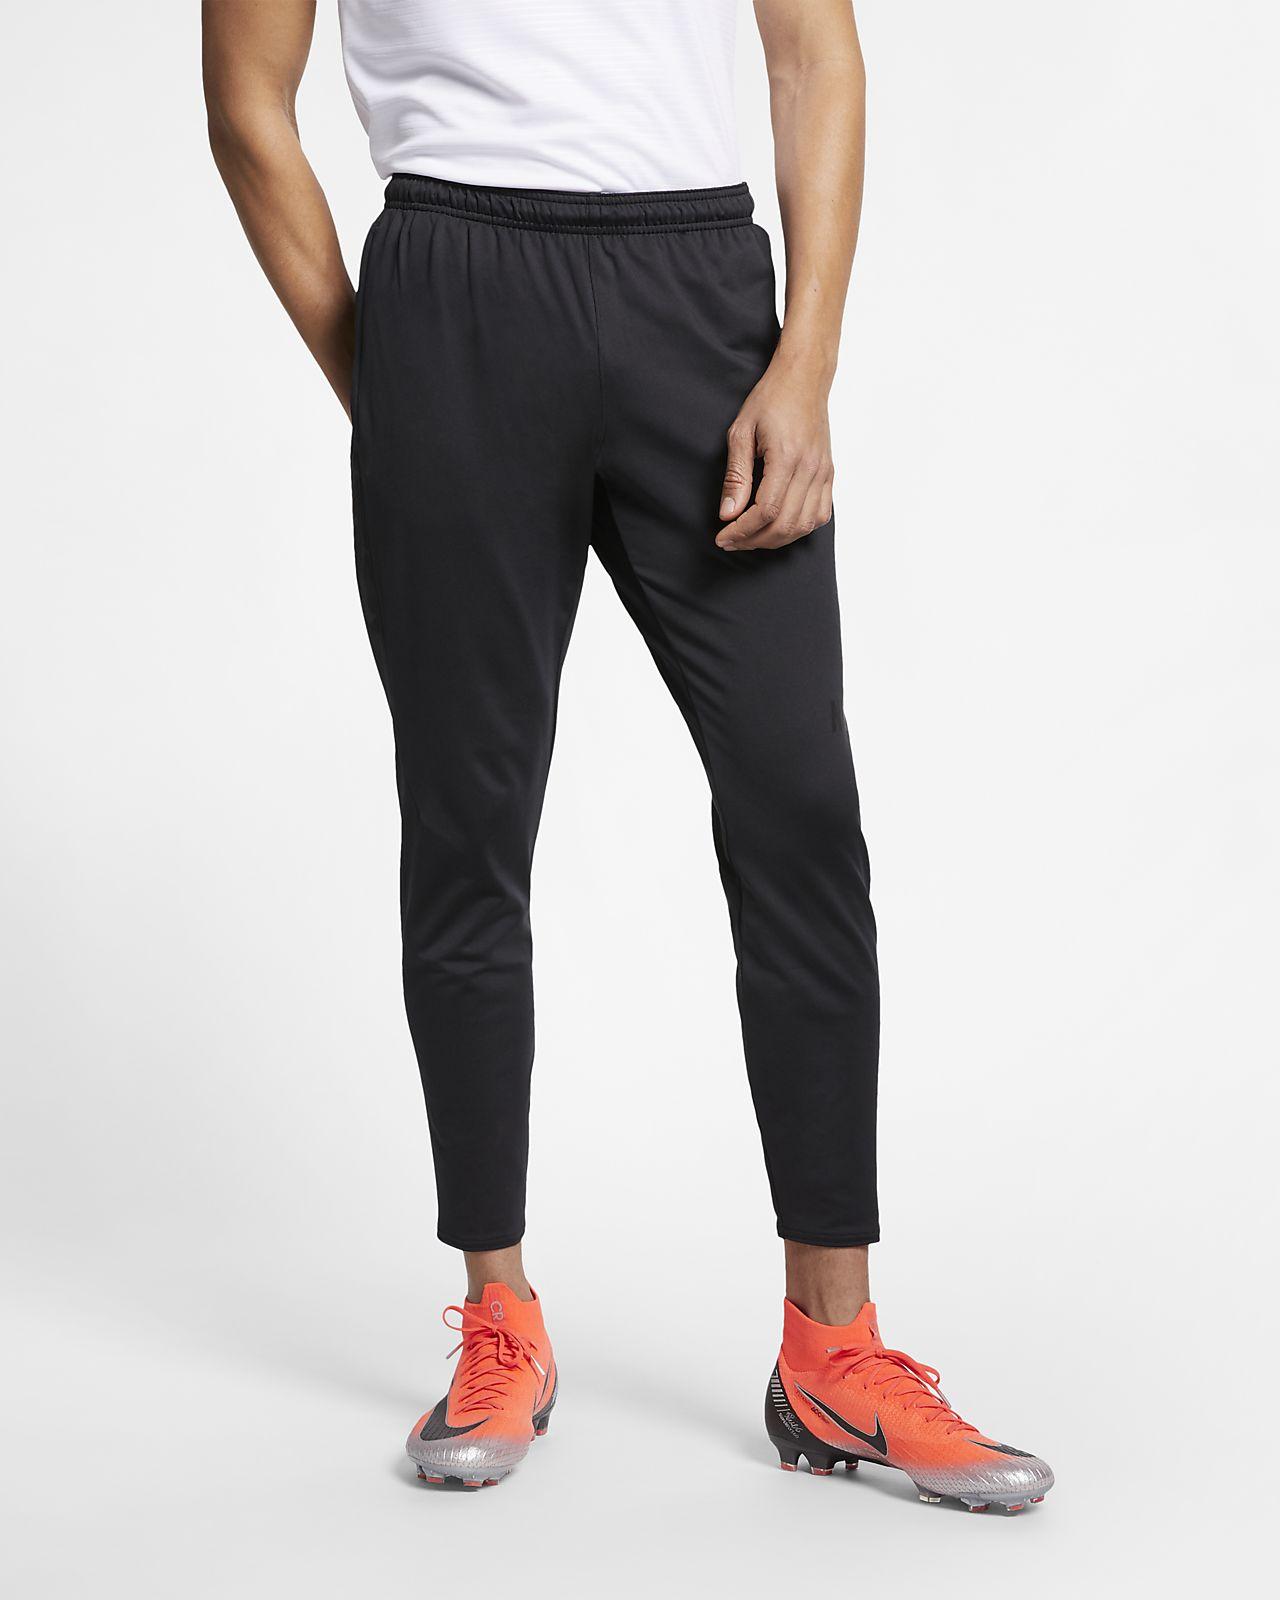 Nike Football Dri Fit Homme Pour De Pantalon Be Squad EAw5ZxtH4q 795fbe13dc4